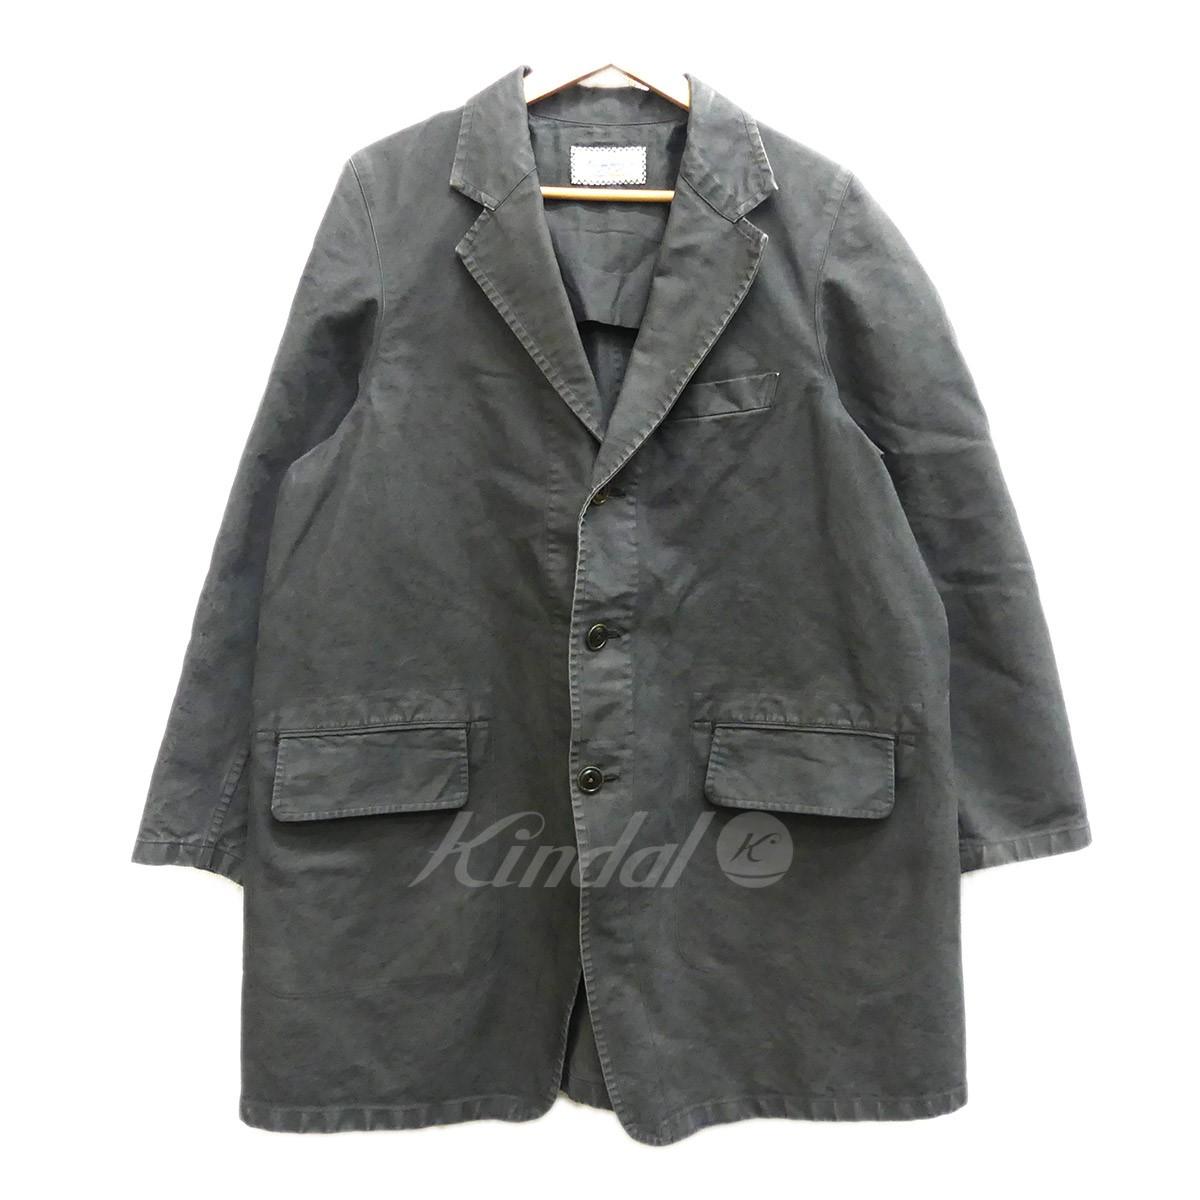 【中古】The Crooked Tailor Tailor collar cutaway tent line coat 3Bコート インクブラック サイズ:46 【送料無料】 【090419】(ザ クルーキッドテーラー)